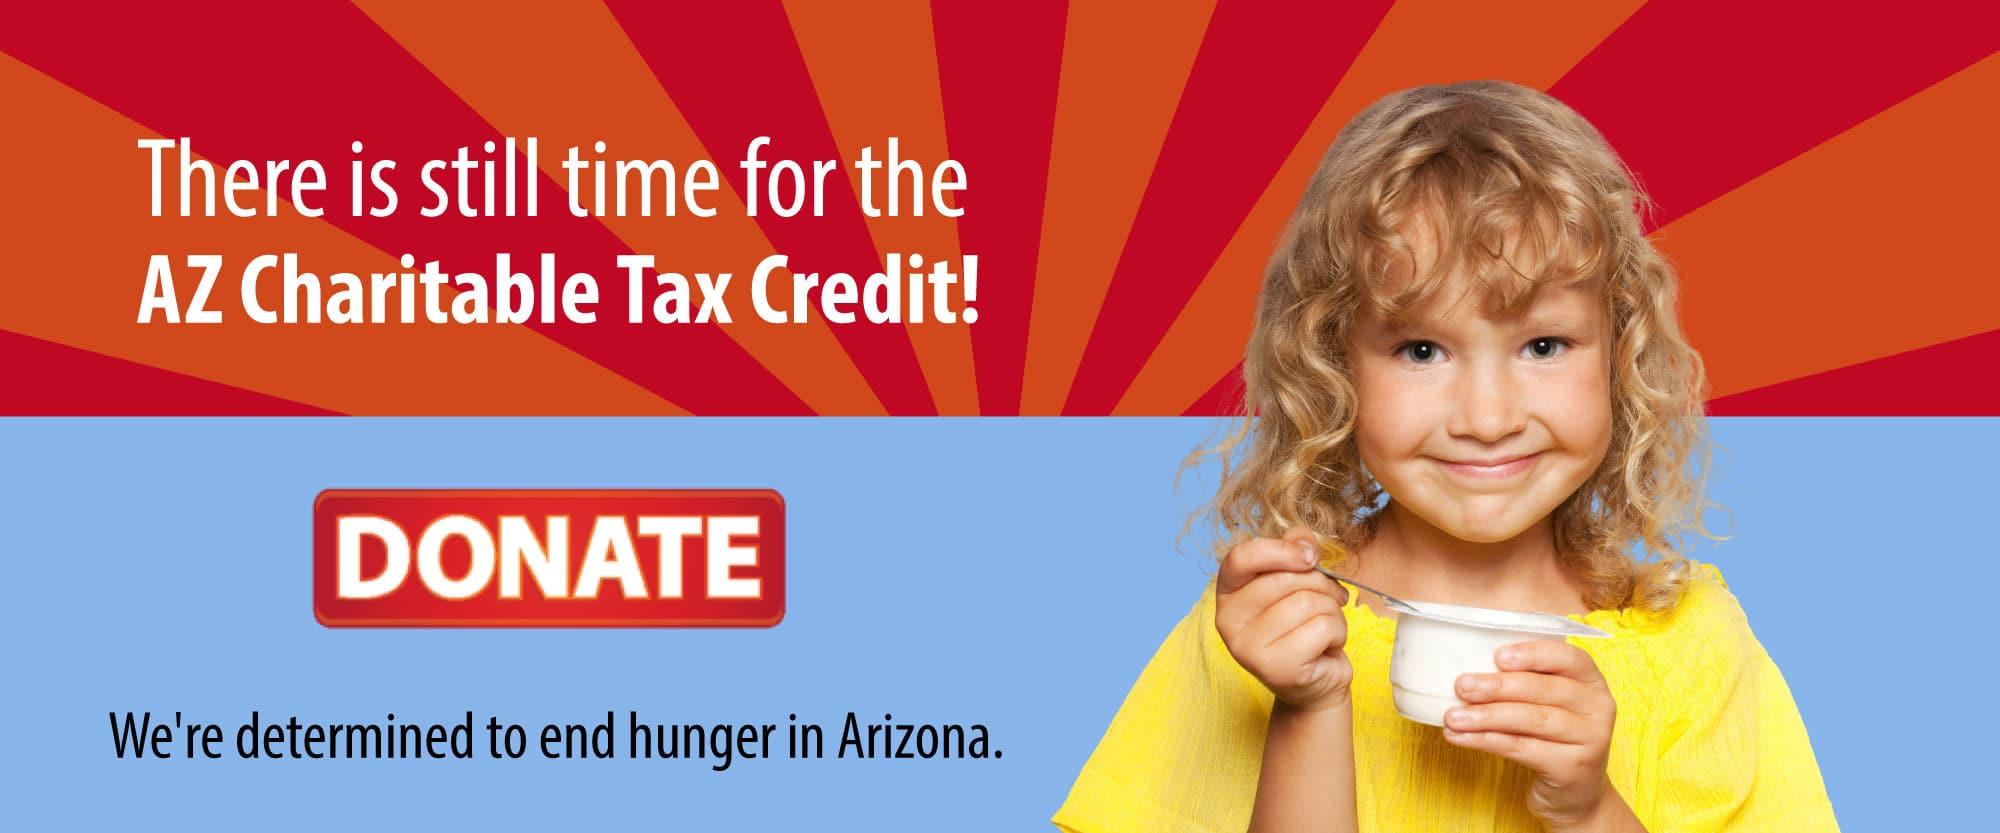 Arizona Charitable Donation